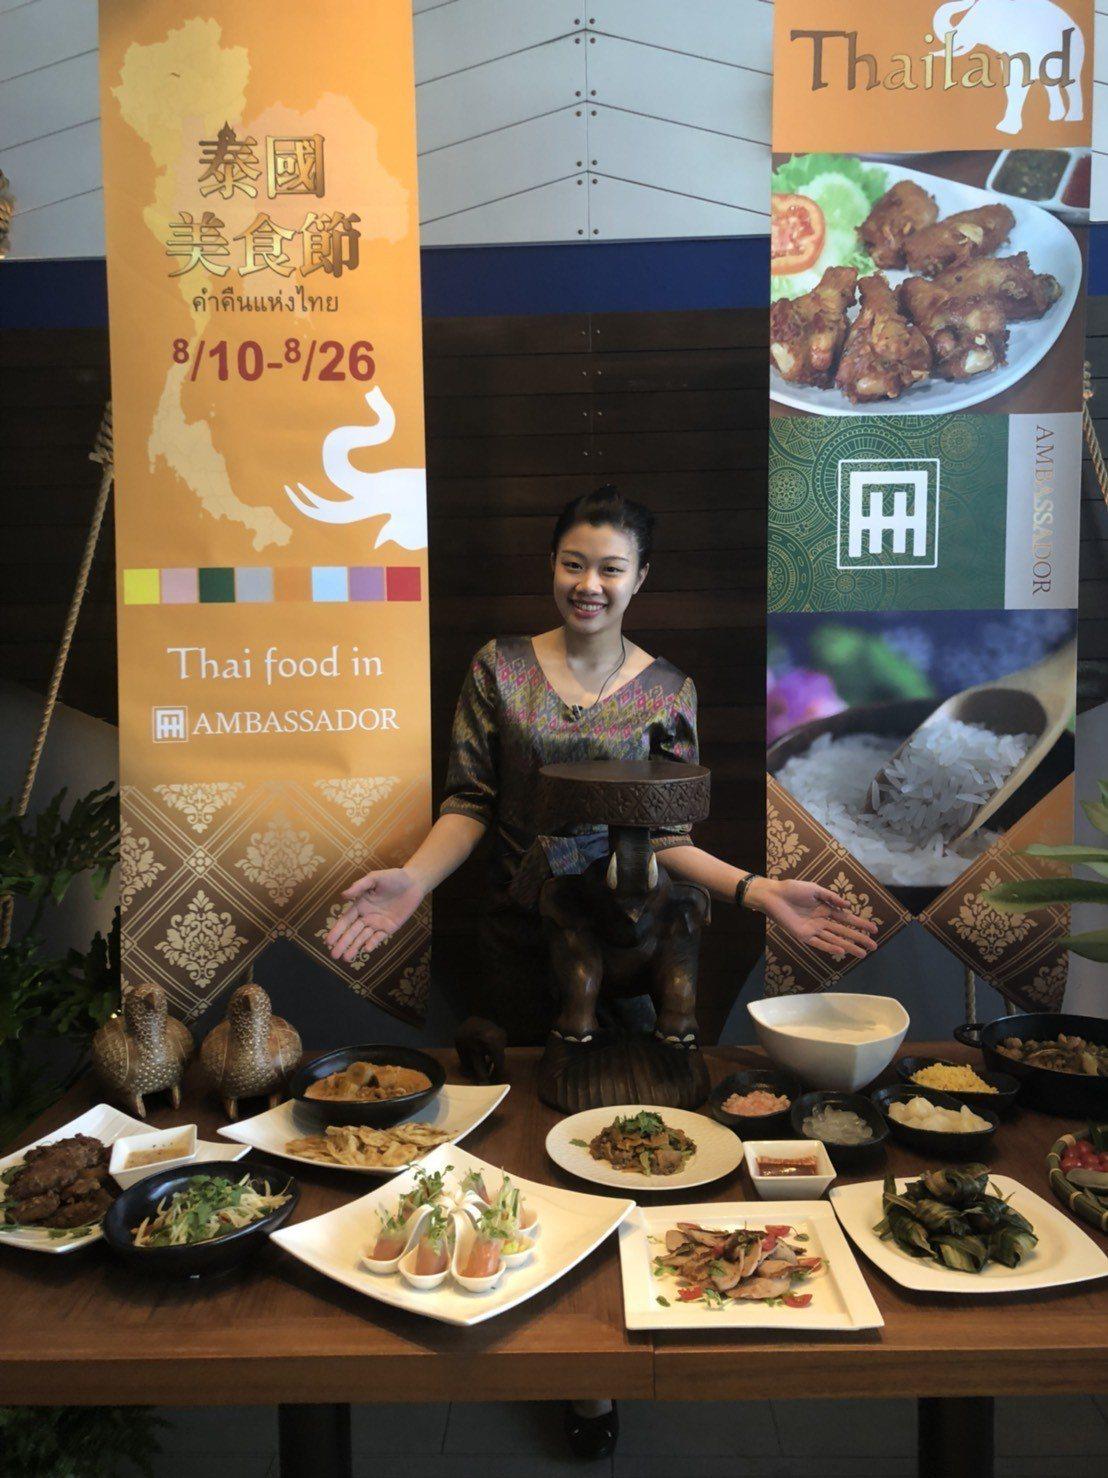 高雄國賓「泰國美食節」78折,比旅展還優惠。記者林政鋒/攝影